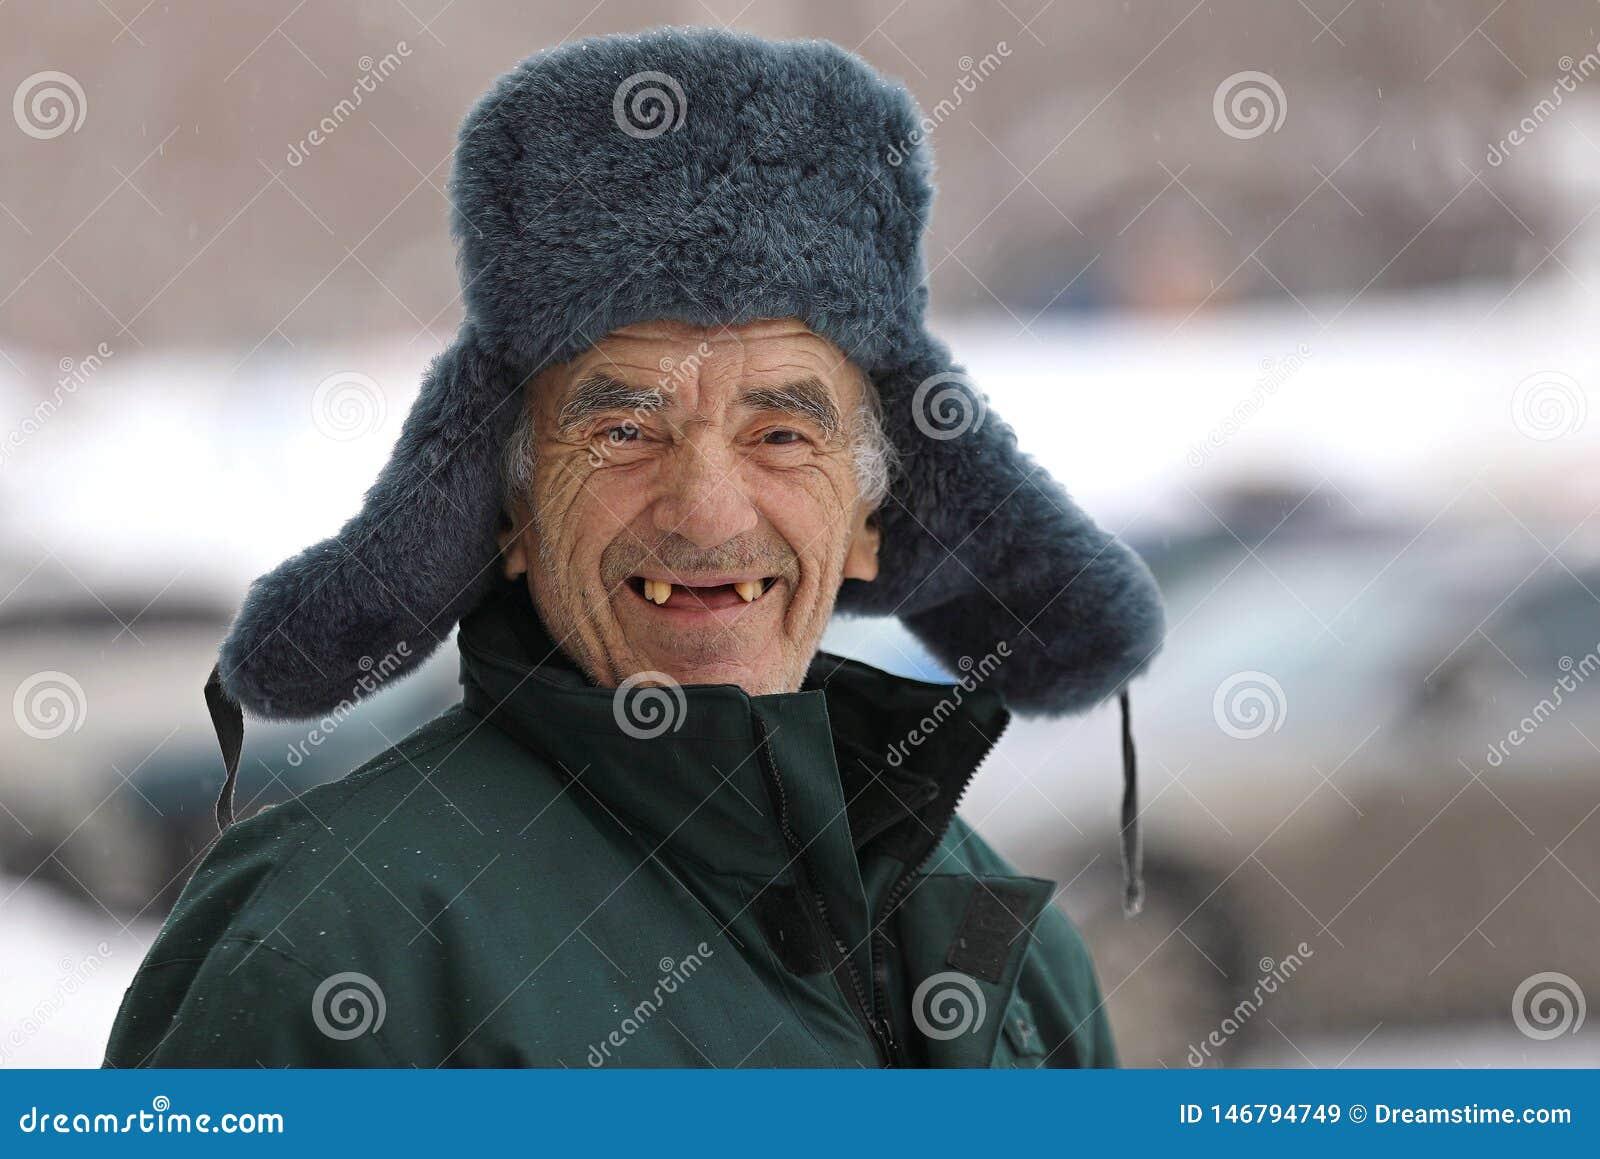 Ρωσικός ηληκιωμένος στα χαμόγελα χειμερινών καπέλων